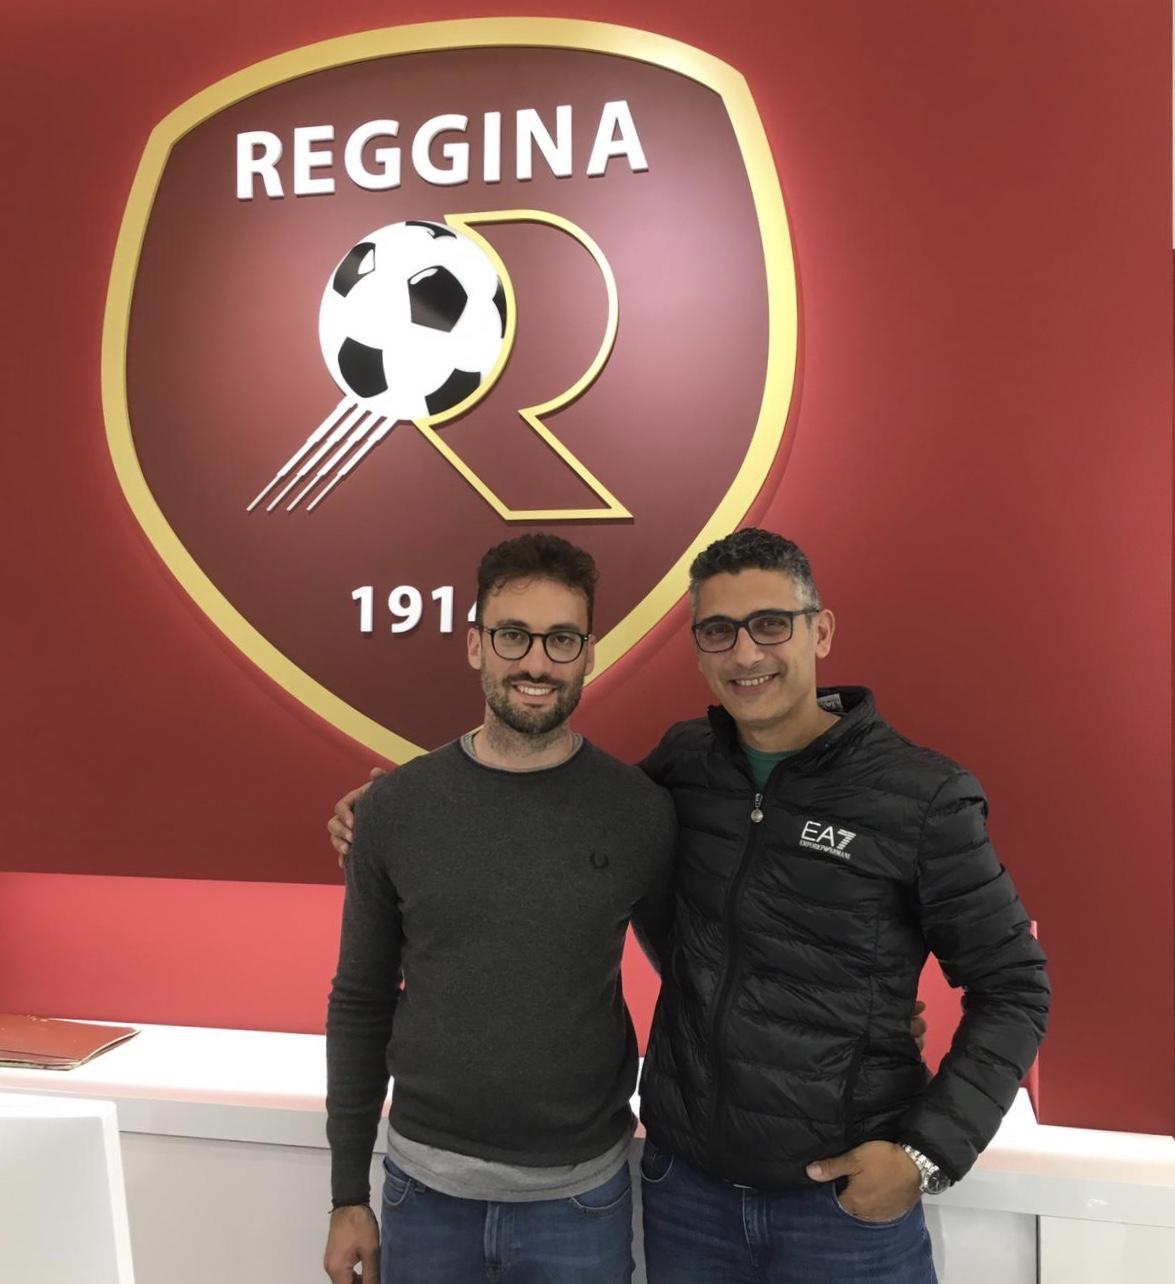 """Photo of Reggina. Inaugurata la sede, l'Archt. Iaquinta: """"Il progetto è nato dall'ispirazione alla storia amaranto, è sempre bello lavorare nella tua città"""""""